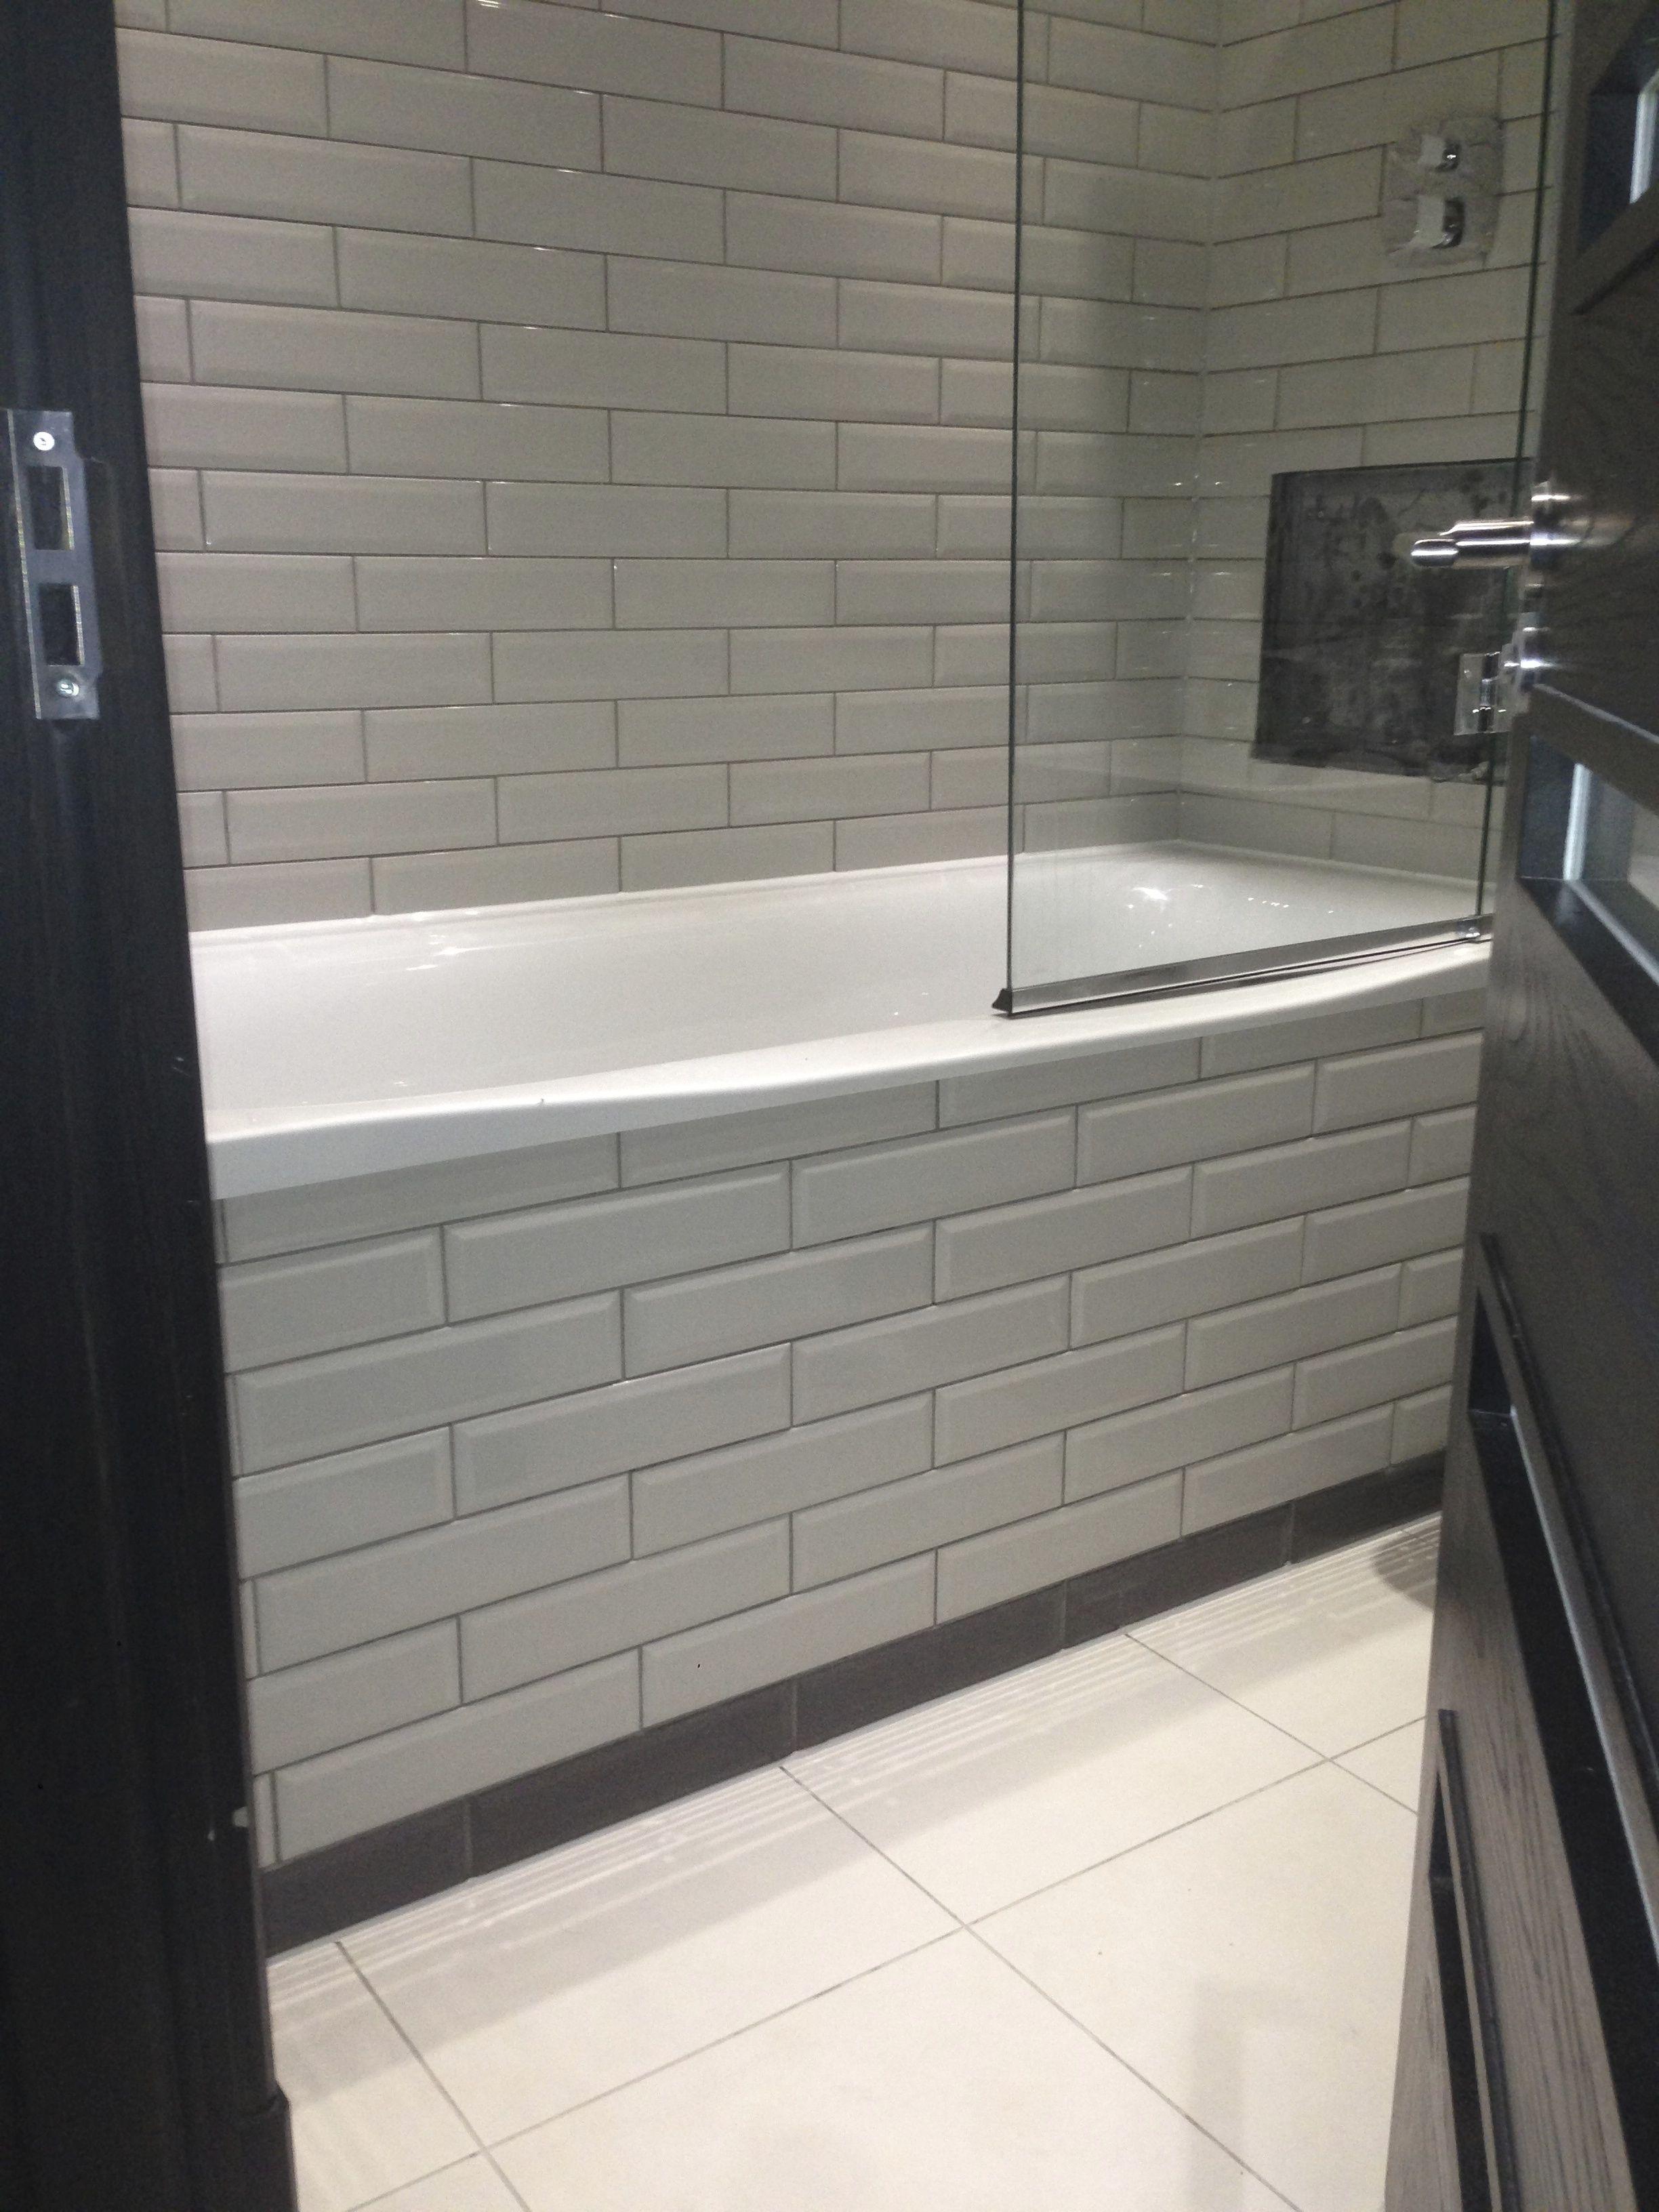 A tiled bath panel.